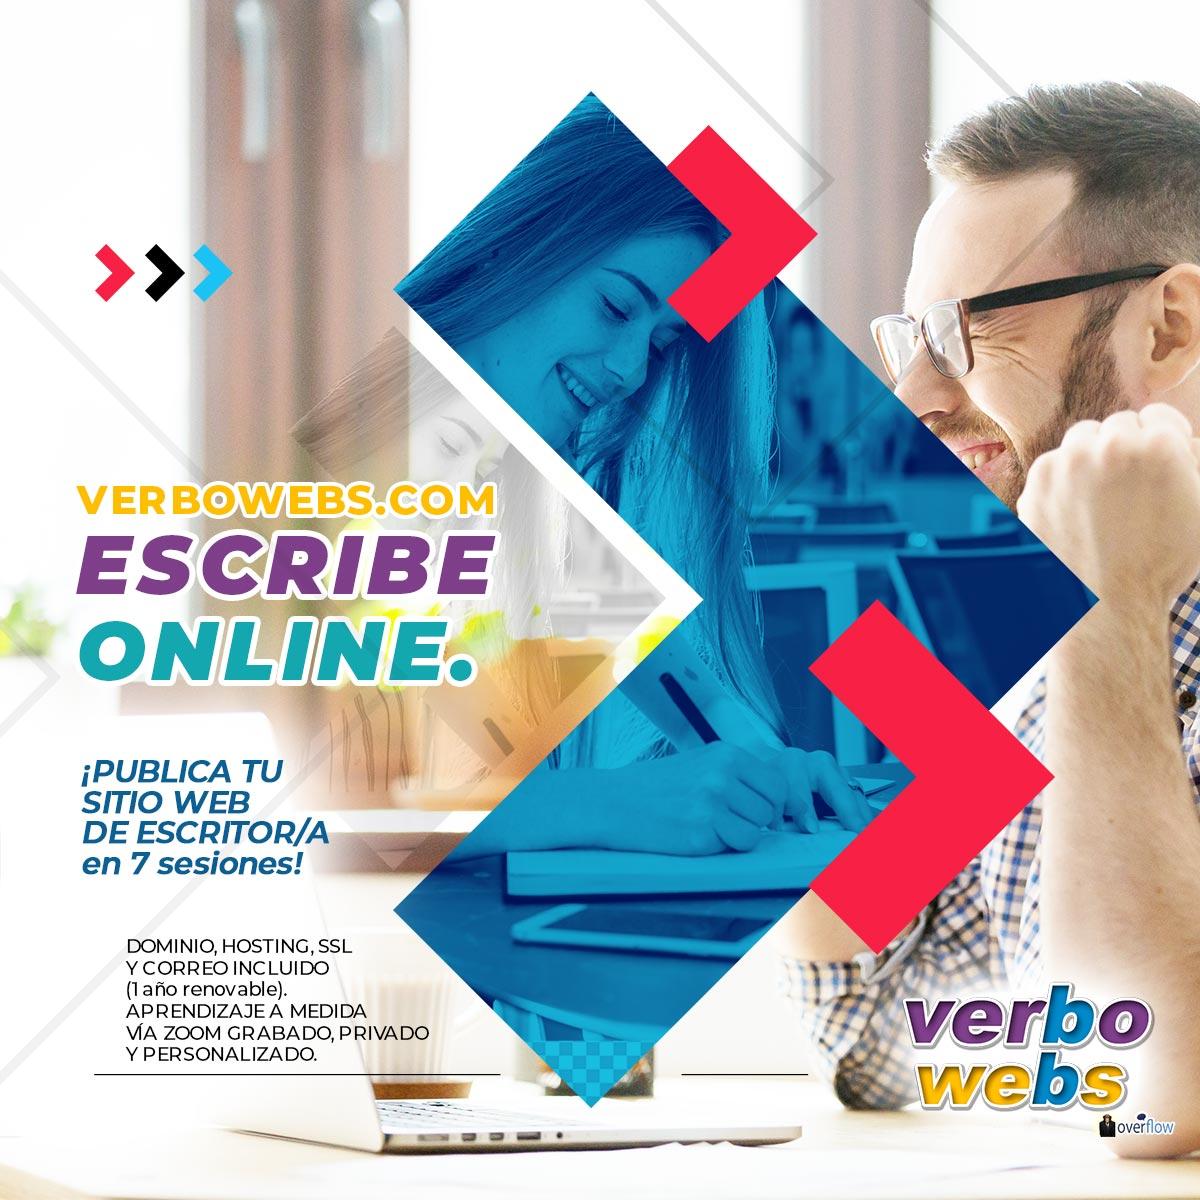 Suscribe ESCRIBE ONLINE con VerboWebs.com